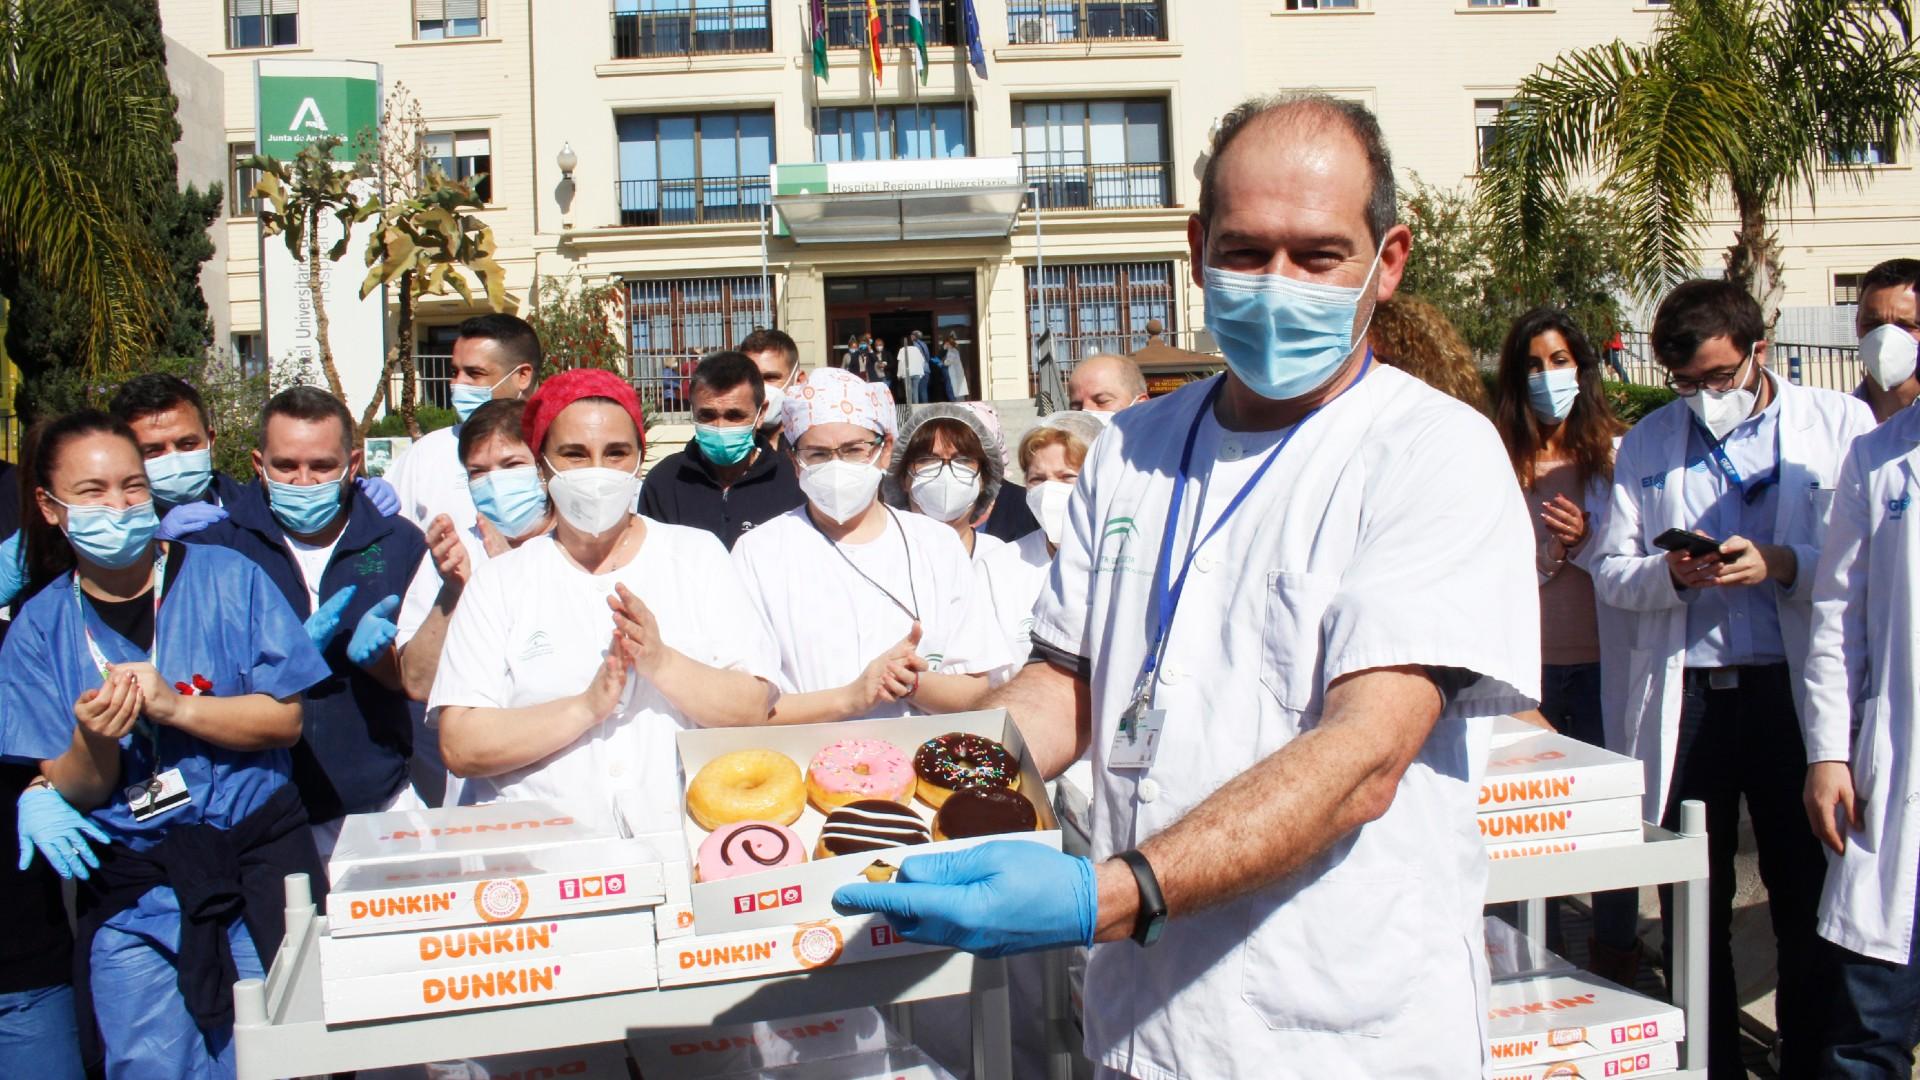 Entregamos más de medio millar de Dunkins a los sanitarios en agradecimiento